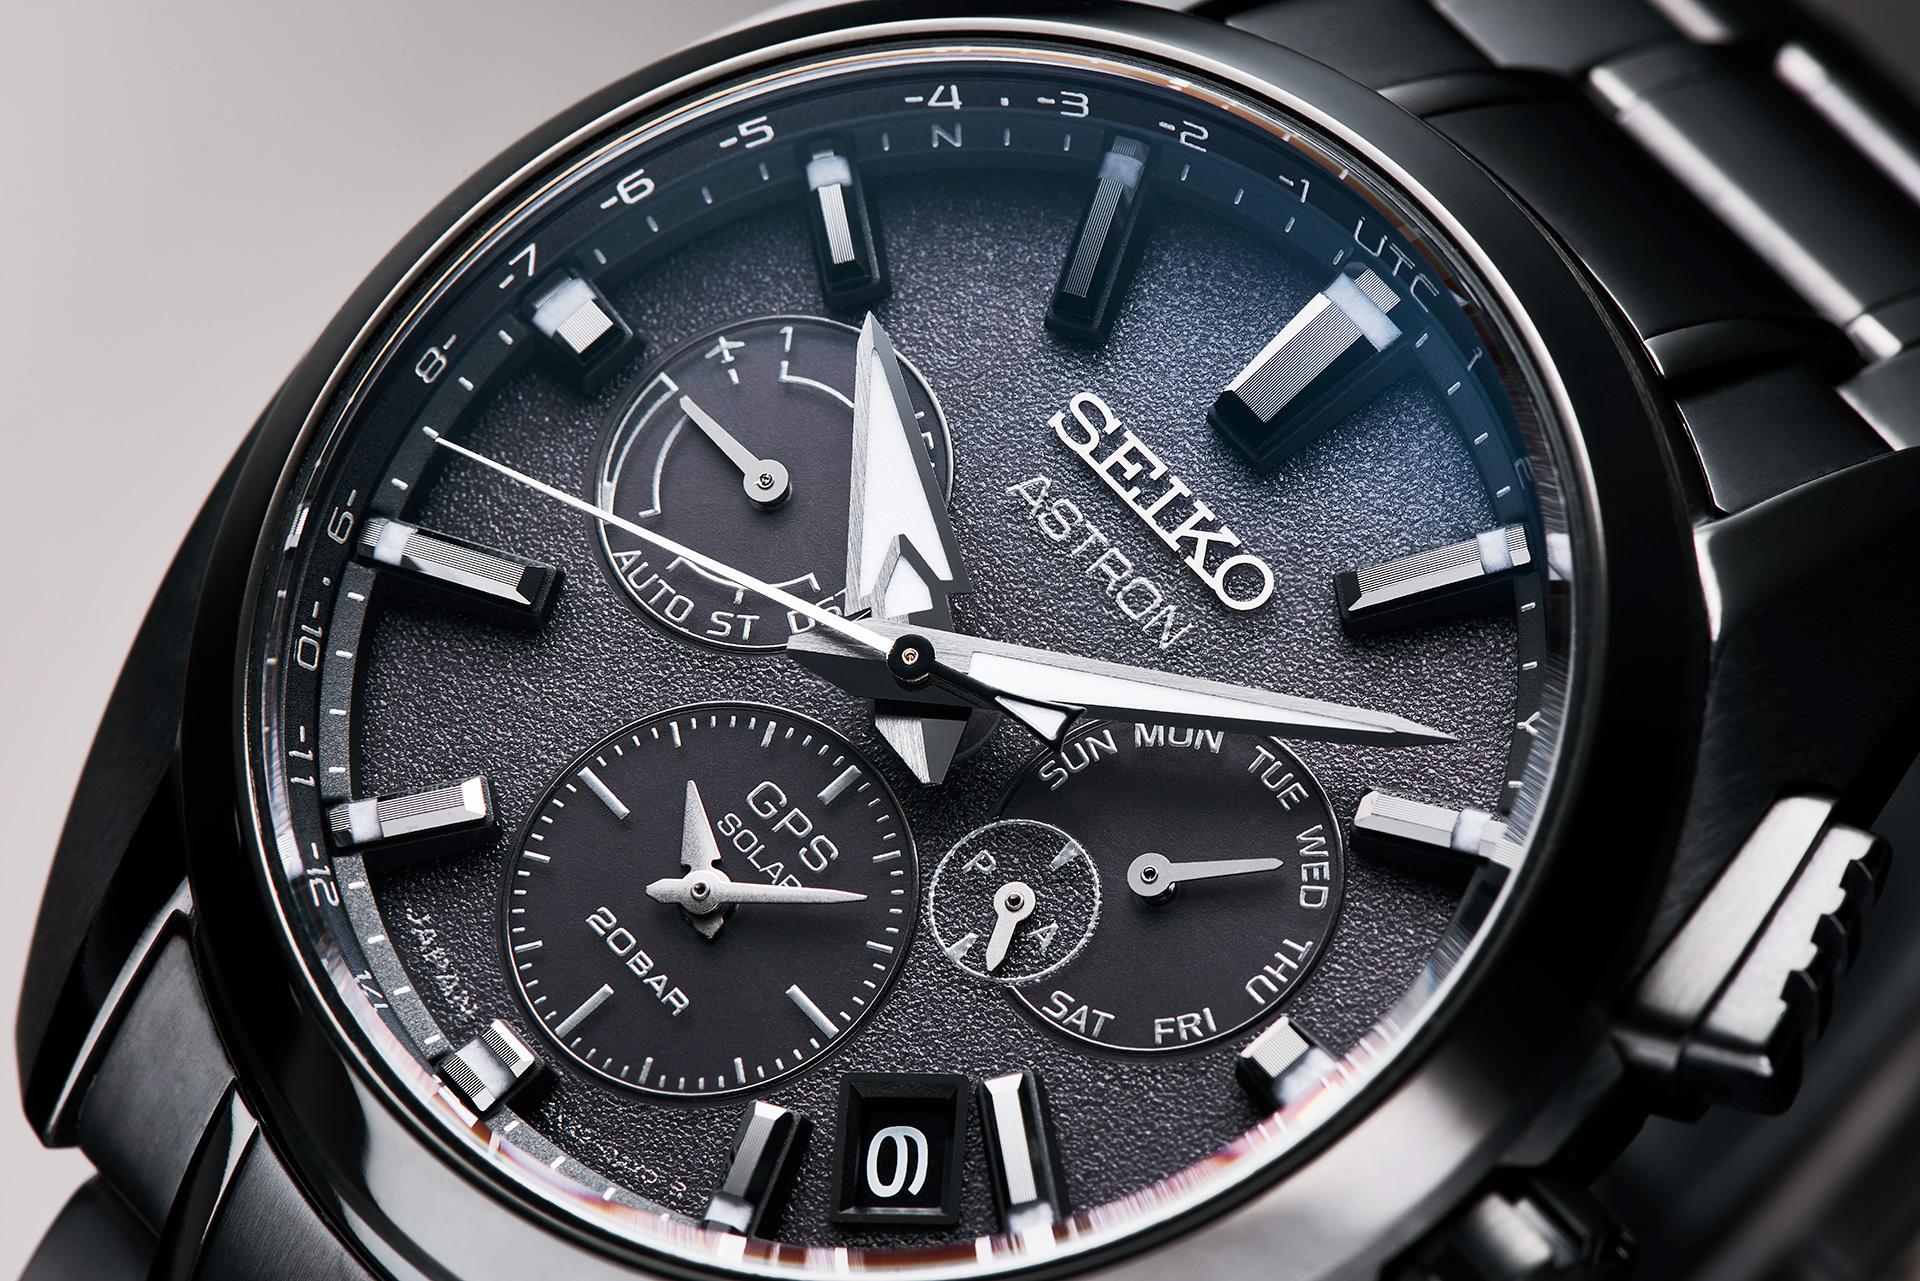 SEIKO, 台灣精工 5X53 雙時區 鈦金屬錶款, SSH069J1